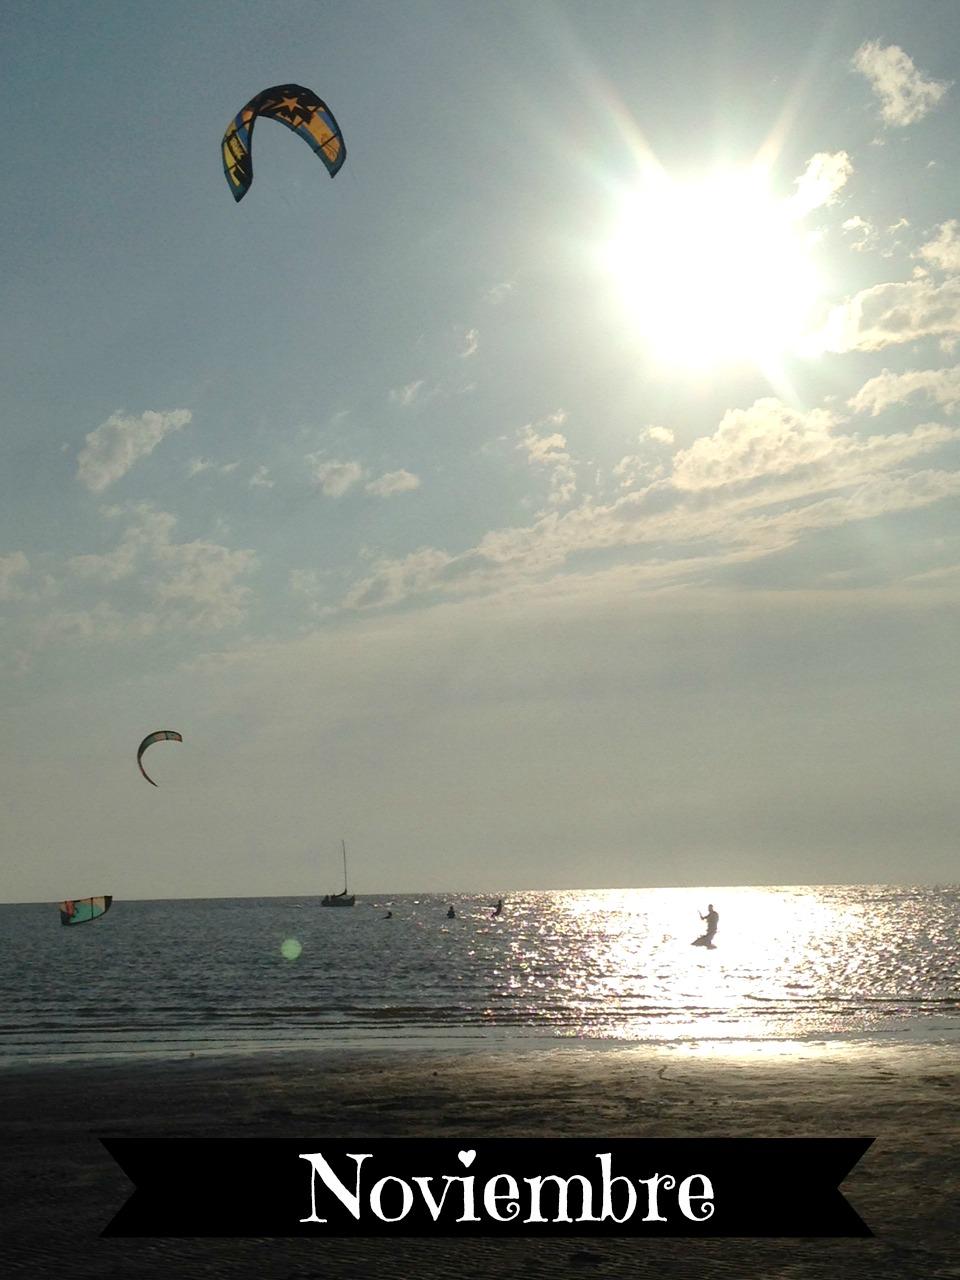 kiter kitesurf